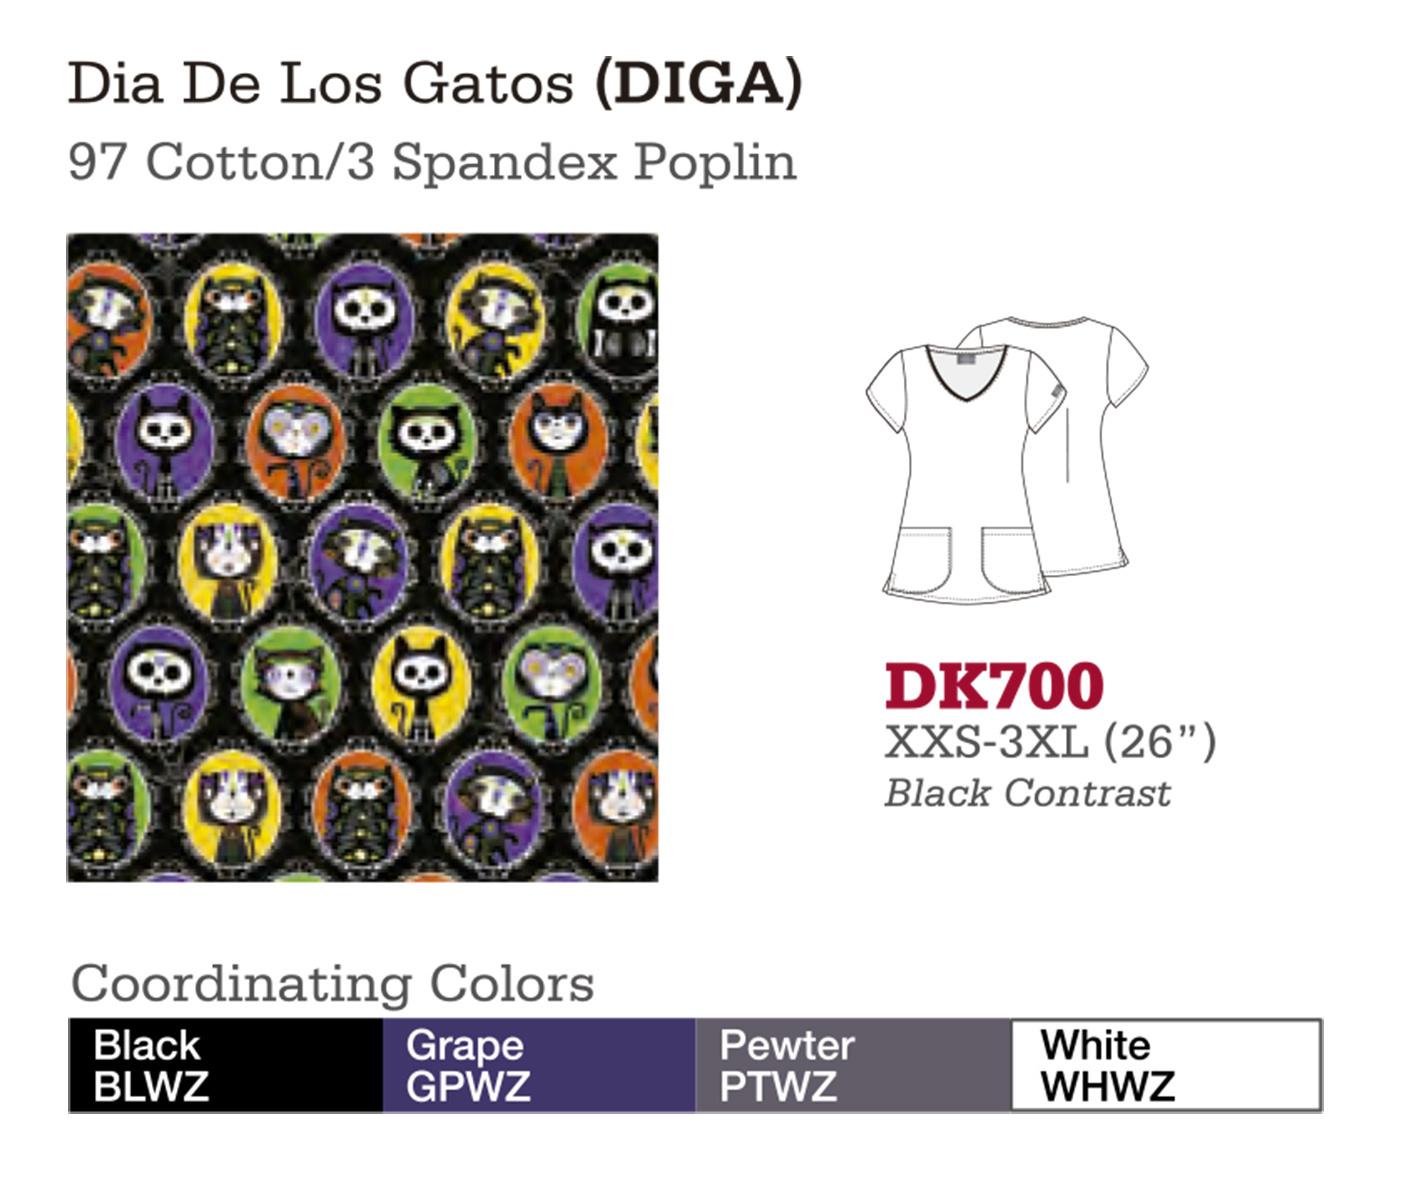 Dia De Los Gatos. DK700.